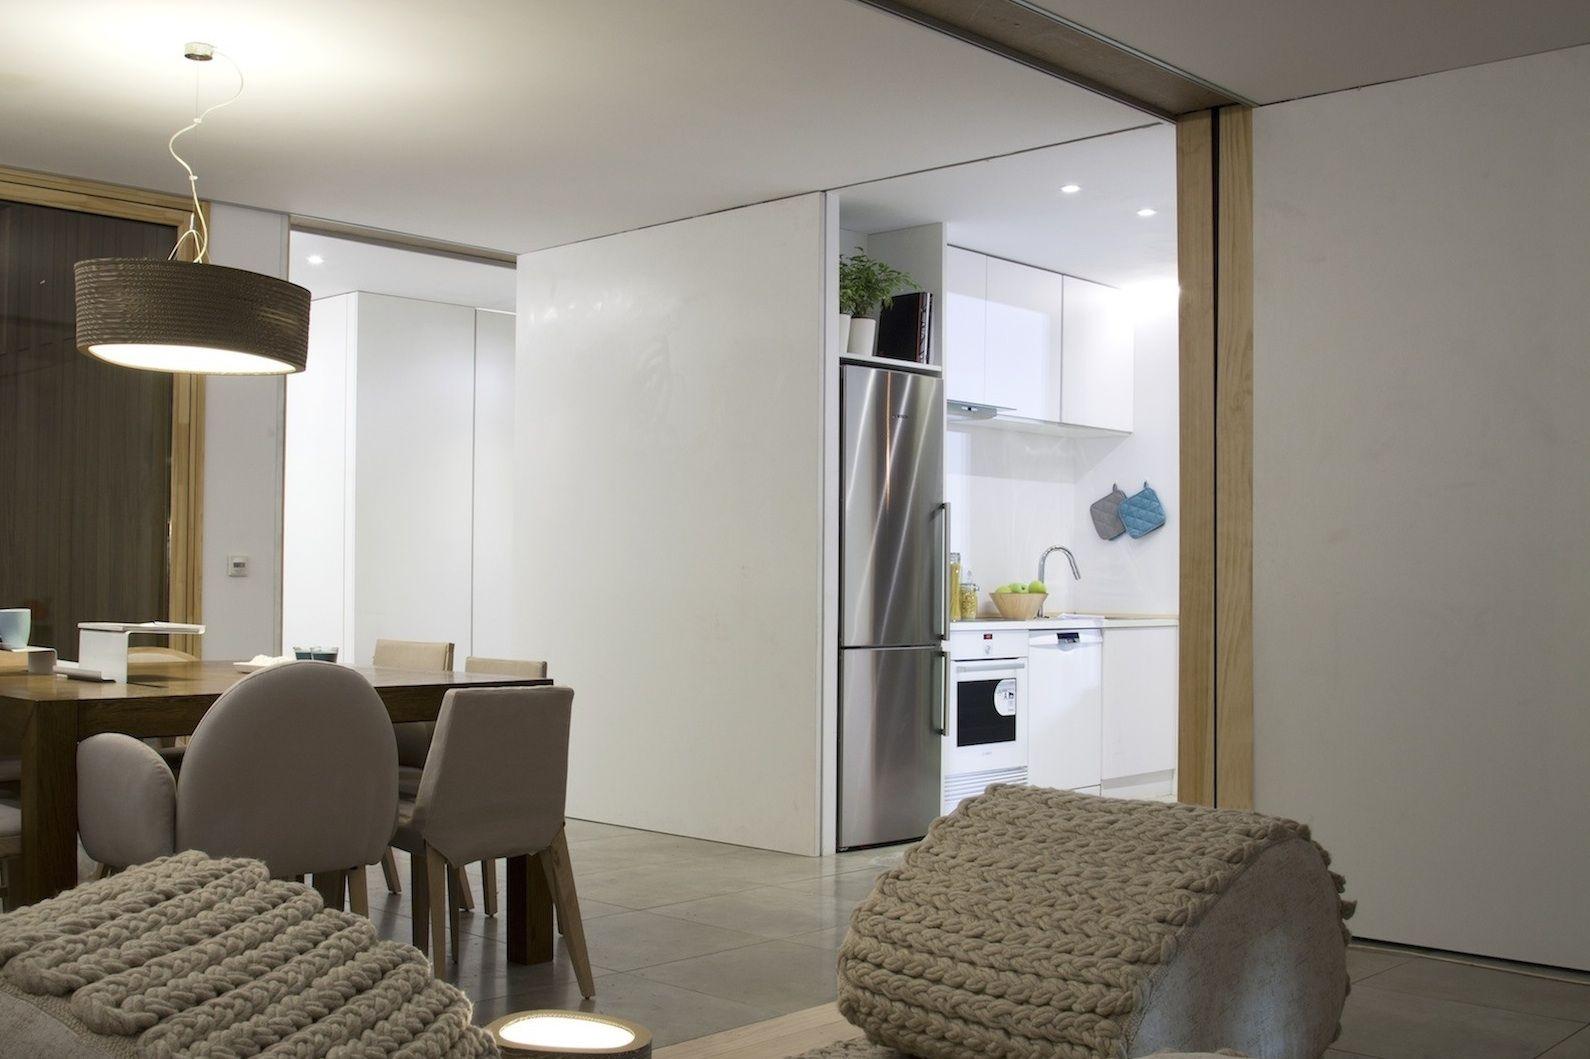 La casa eficiente SMLsystem, diseñada por investigadores de la ESET del CEU-UCH, será el banco de pruebas del nuevo sistema de cogeneración para hogares alimentado por hidrógeno.